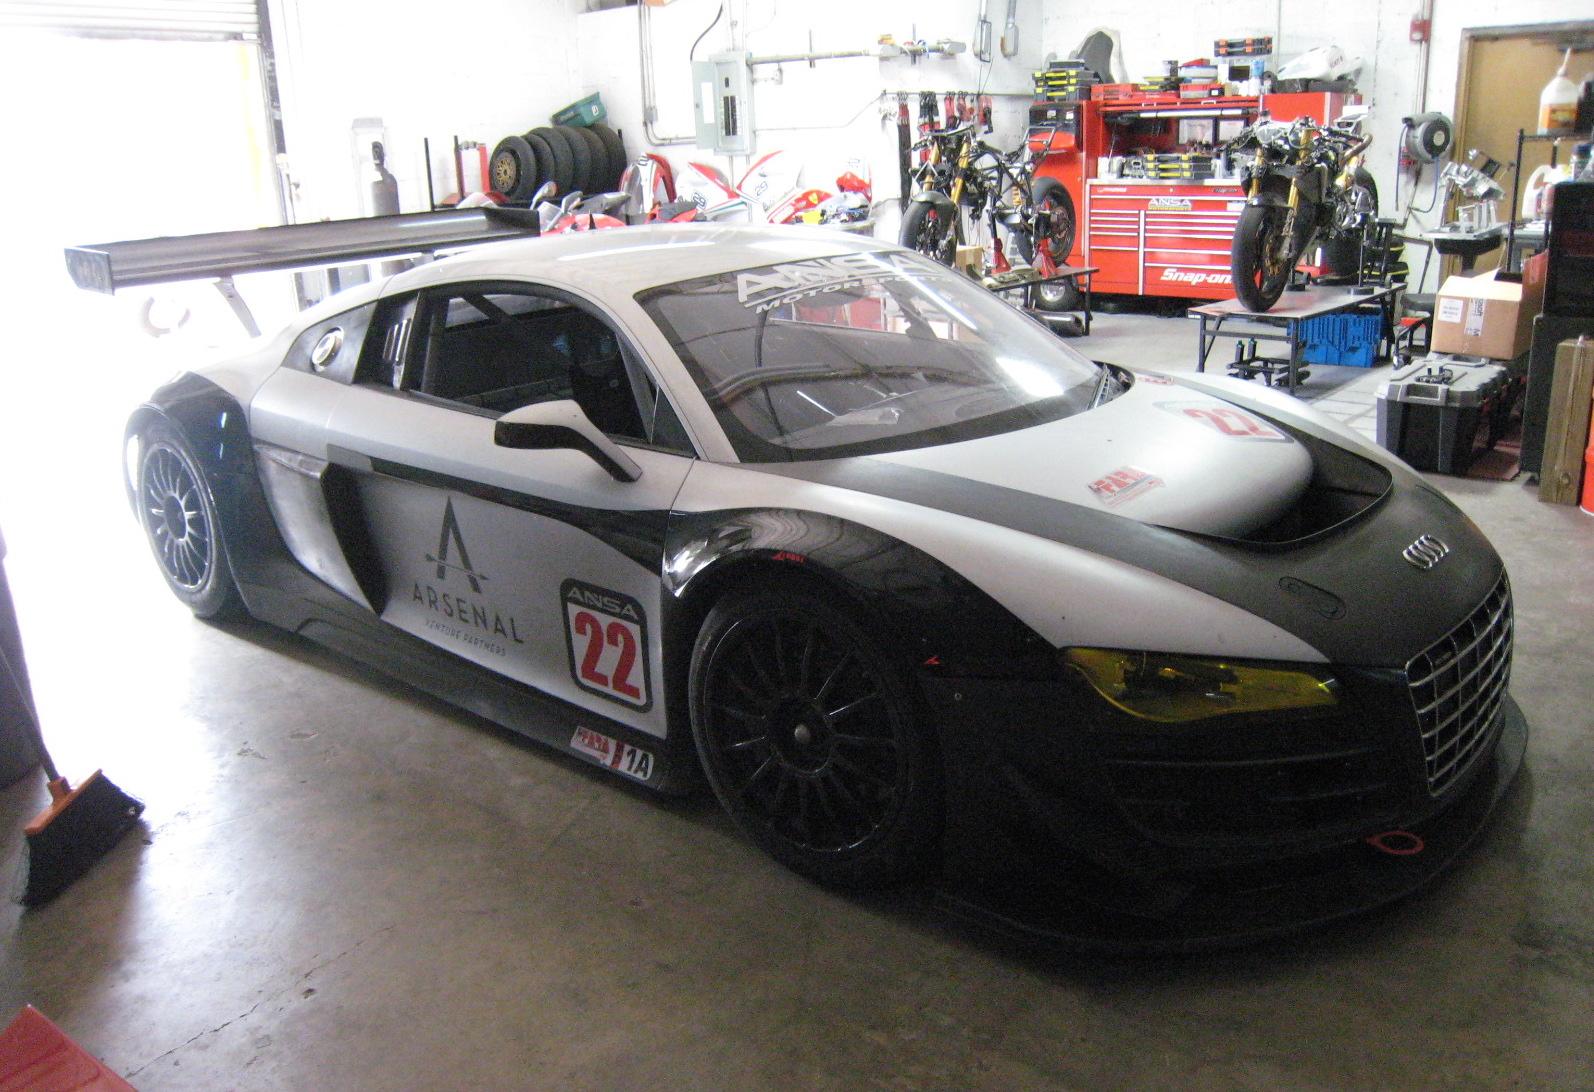 2010 Audi R8 LMS GT3 Race Car - Exotic Car List